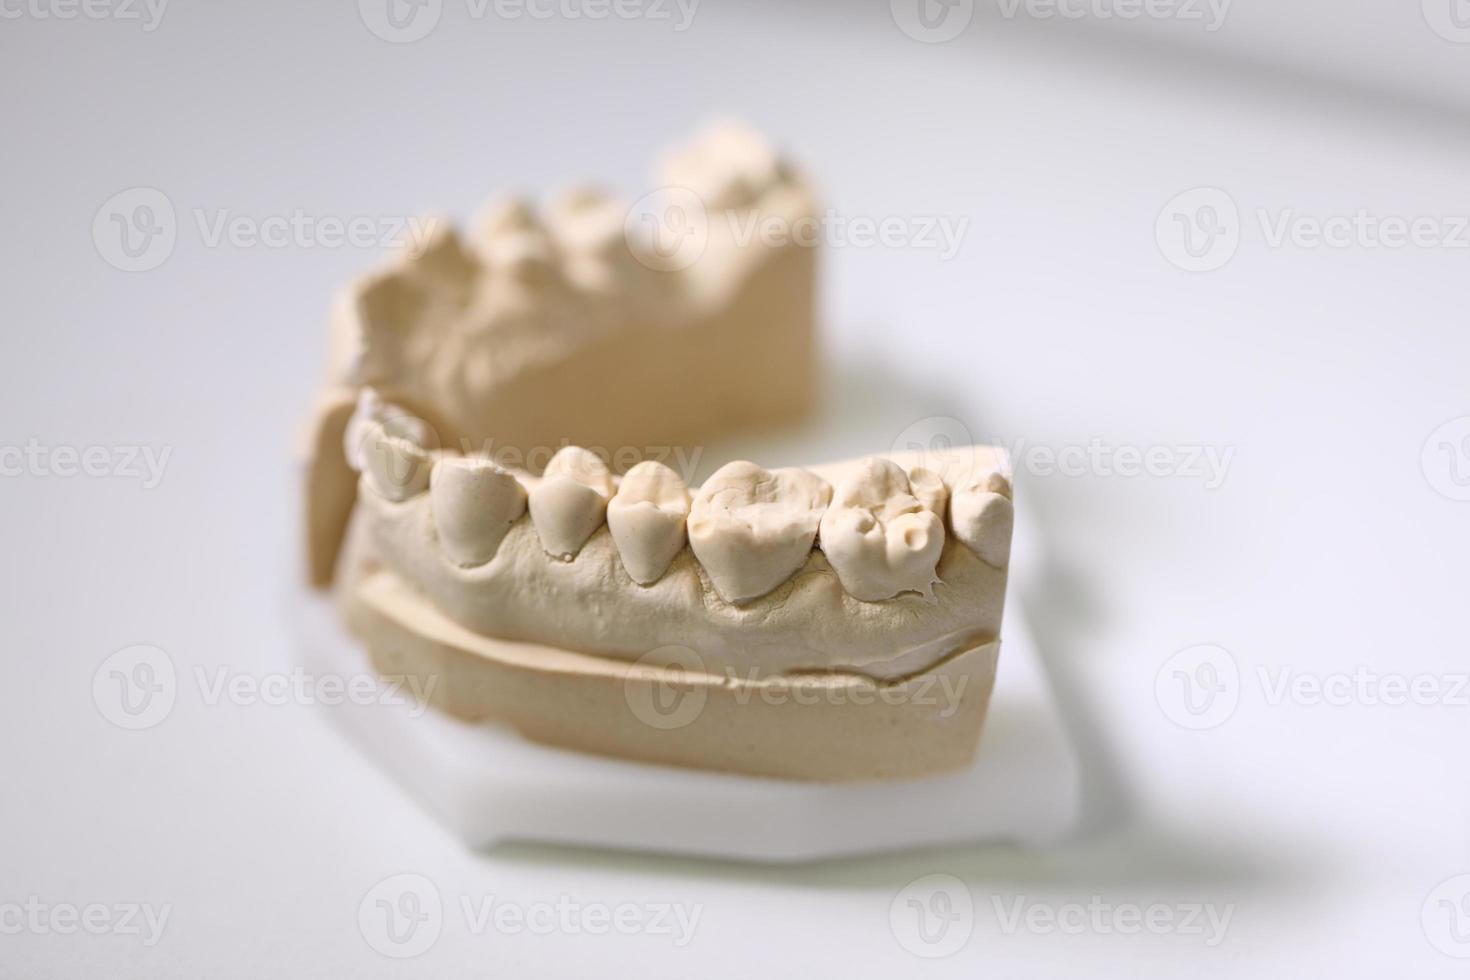 oggetti per dentista foto